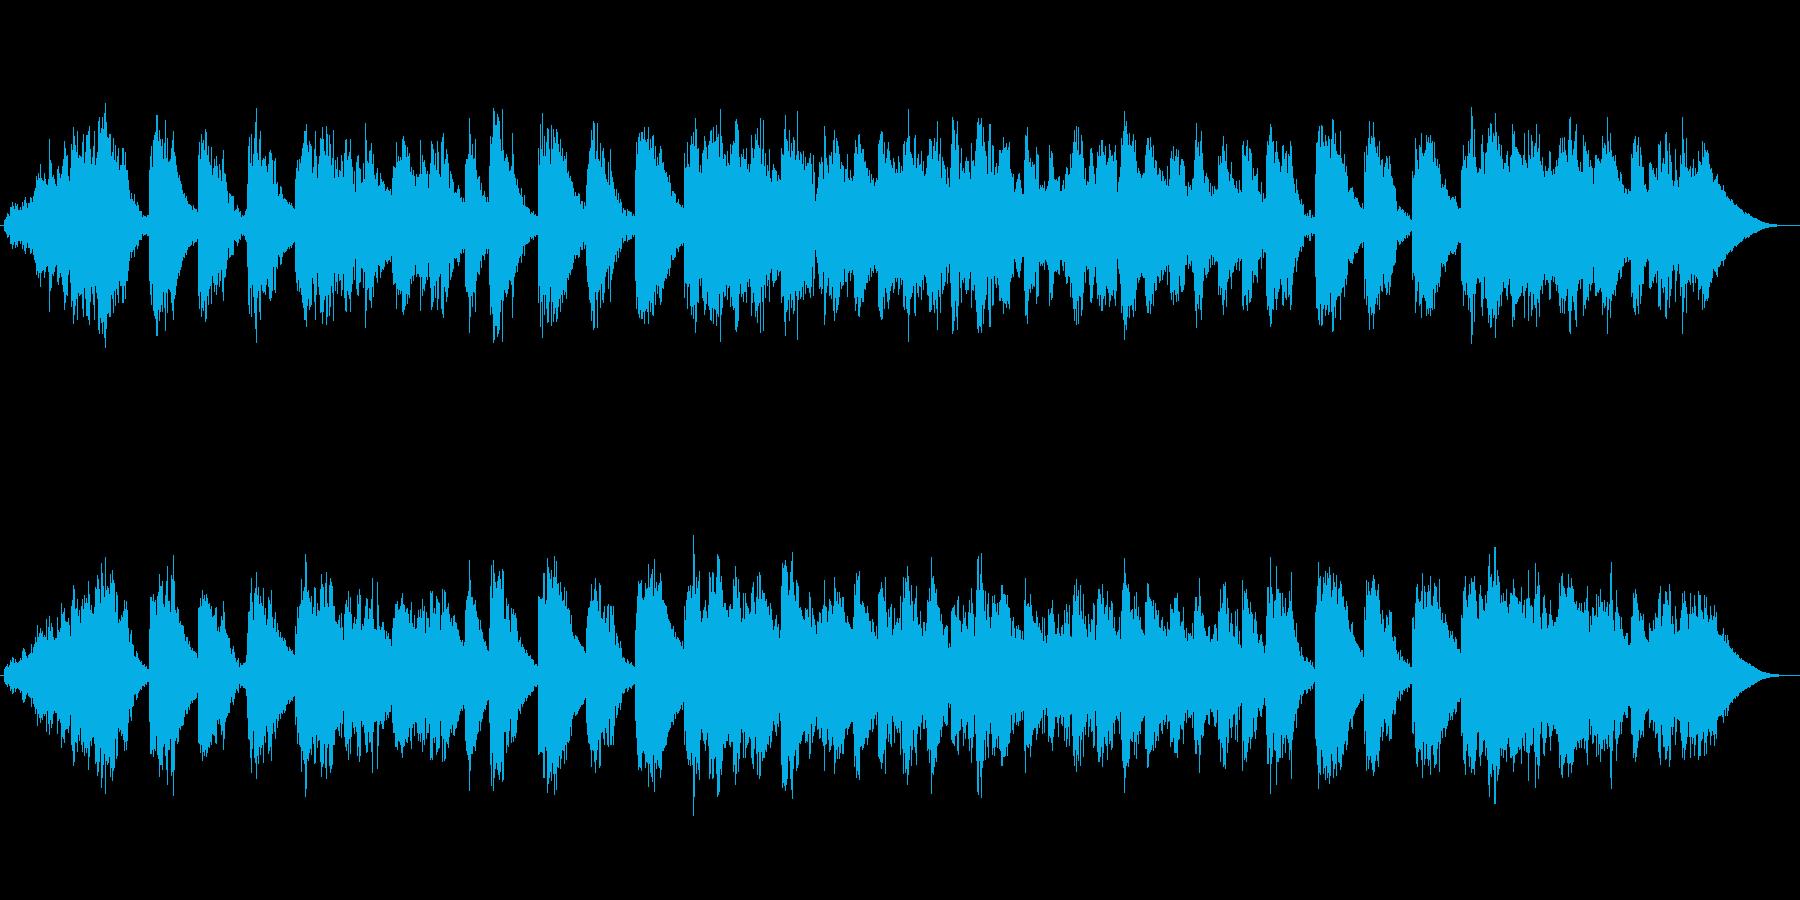 幻想的で安らぎのヒーリングミュージックの再生済みの波形